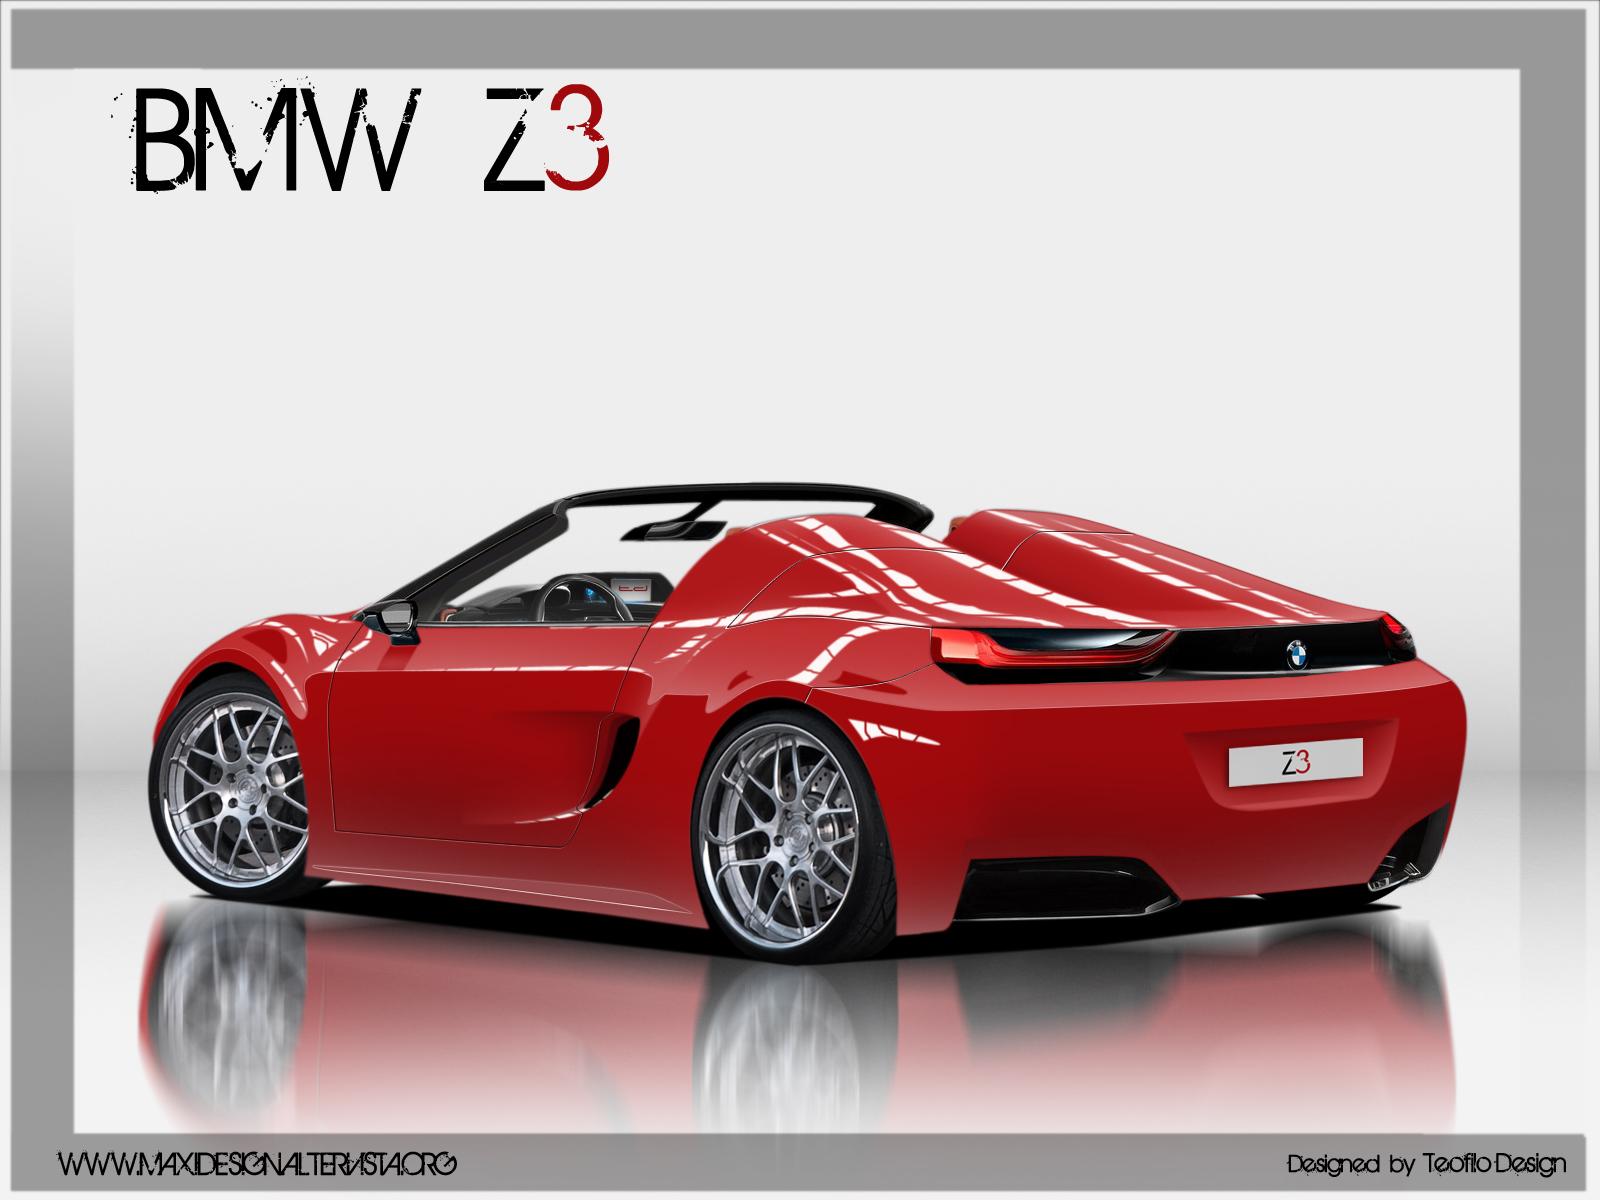 bmw z3 gpl forum. Black Bedroom Furniture Sets. Home Design Ideas